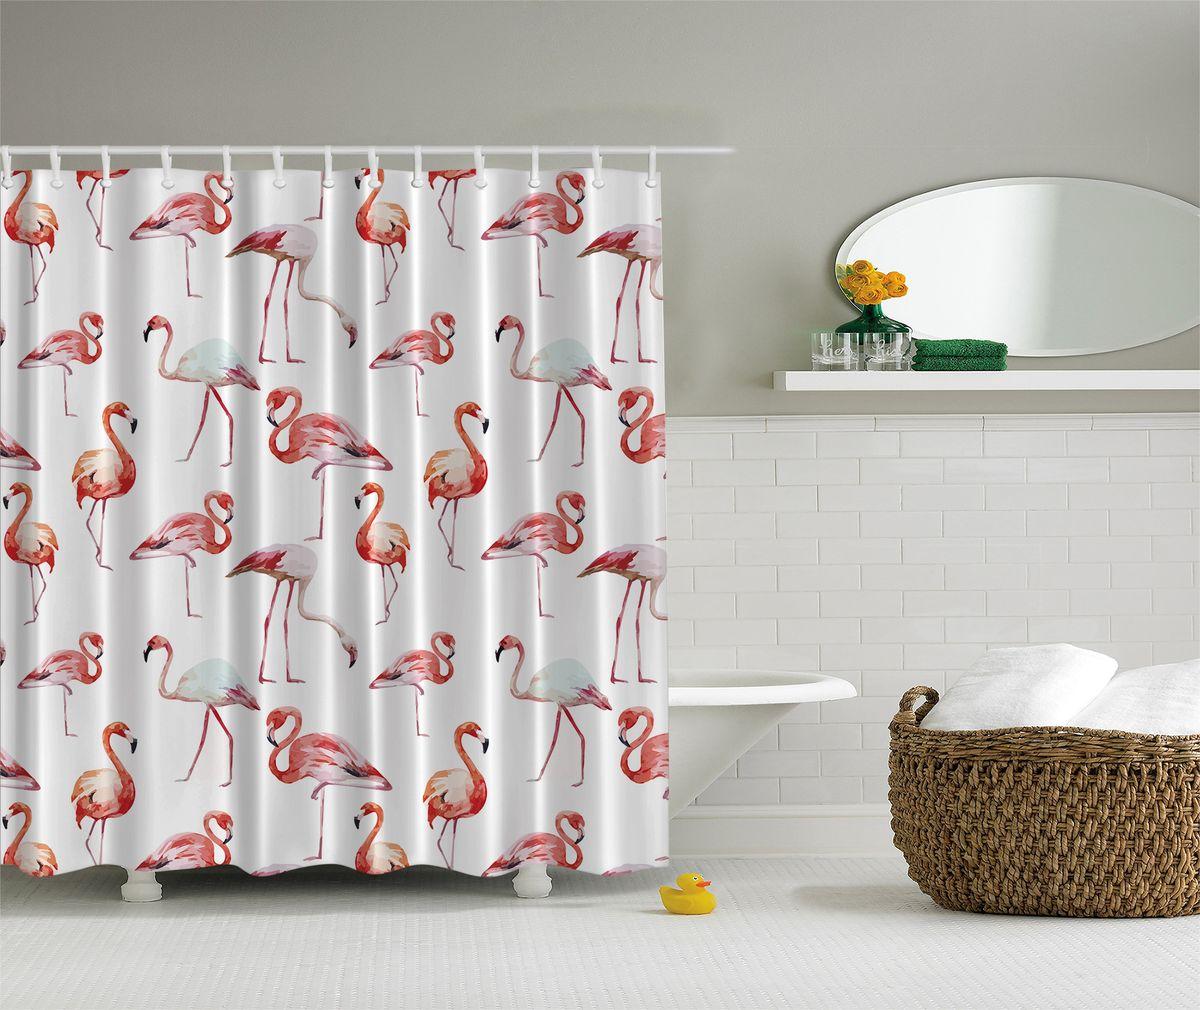 Штора для ванной комнаты Magic Lady Розовый фламинго, 180 х 200 смшв_5105Штора Magic Lady Розовый фламинго, изготовленная из высококачественного сатена (полиэстер 100%), отлично дополнит любой интерьер ванной комнаты. При изготовлении используются специальные гипоаллергенные чернила для прямой печати по ткани, безопасные для человека. В комплекте: 1 штора, 12 крючков. Обращаем ваше внимание, фактический цвет изделия может незначительно отличаться от представленного на фото.